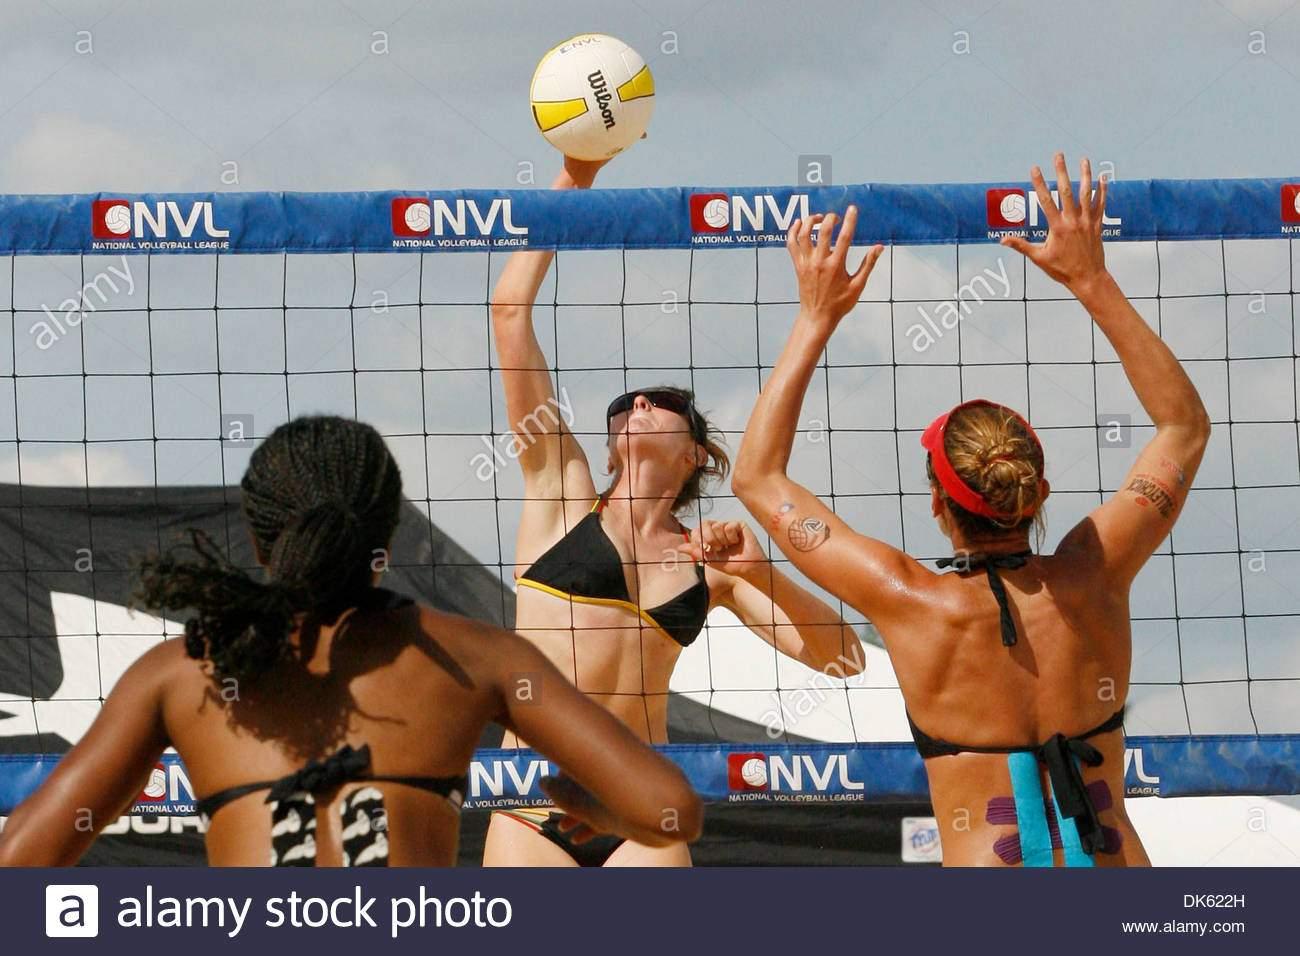 21 mai 2011 baltimore maryland usa volleyball bundesliga spieler lisa hunkus spikes einen ball gegen annett davis links und lisa rutledge wahrend der endrunde spielen bei einer nvl match auf der pimlico rennbahn auf preakness tag kredit bild james bergliezumapress dk622h